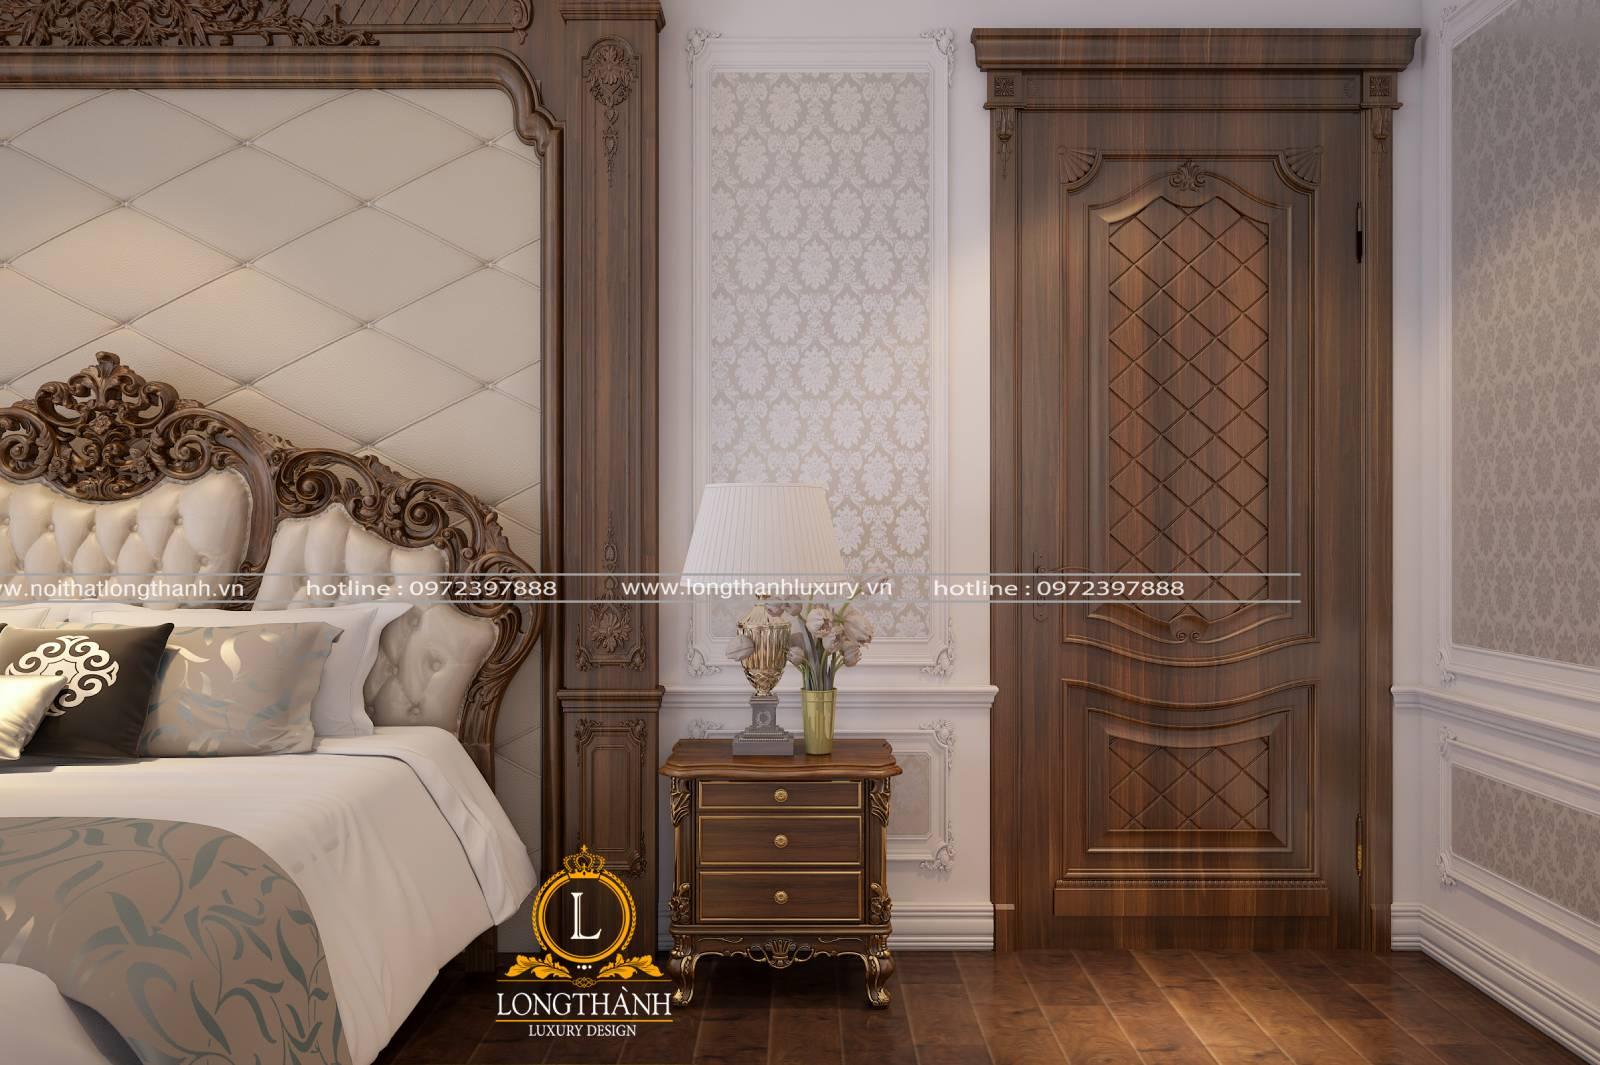 cửa gỗ mang đến sự bền chắc cho ngôi nhà